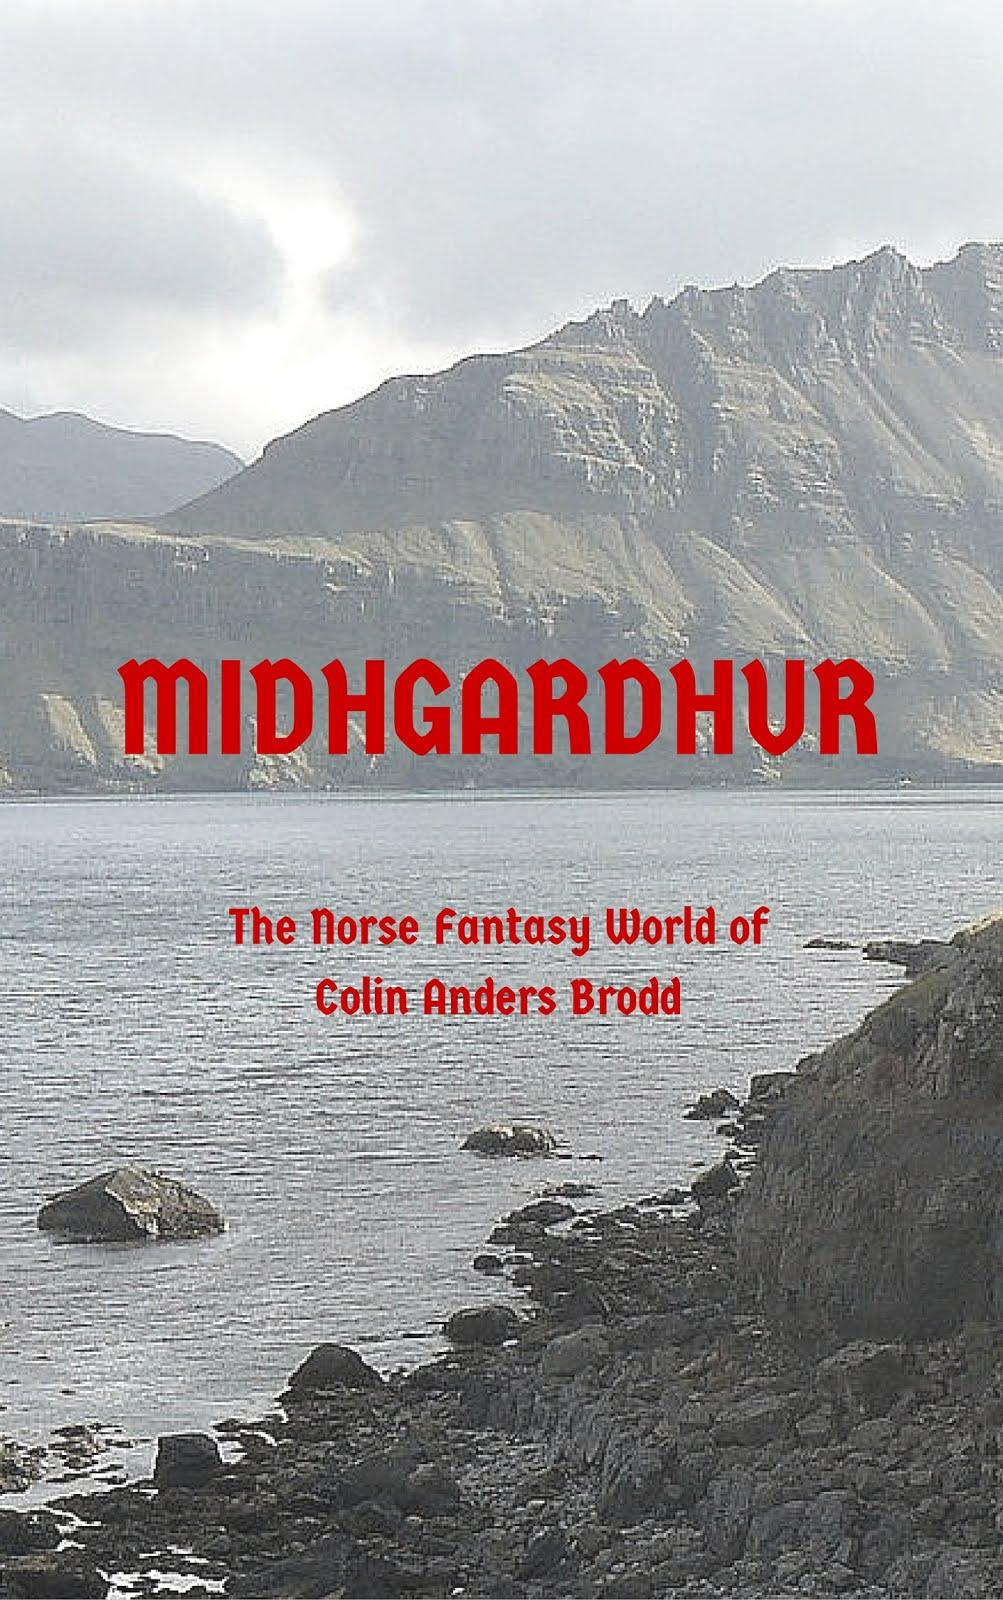 Midhgardhur